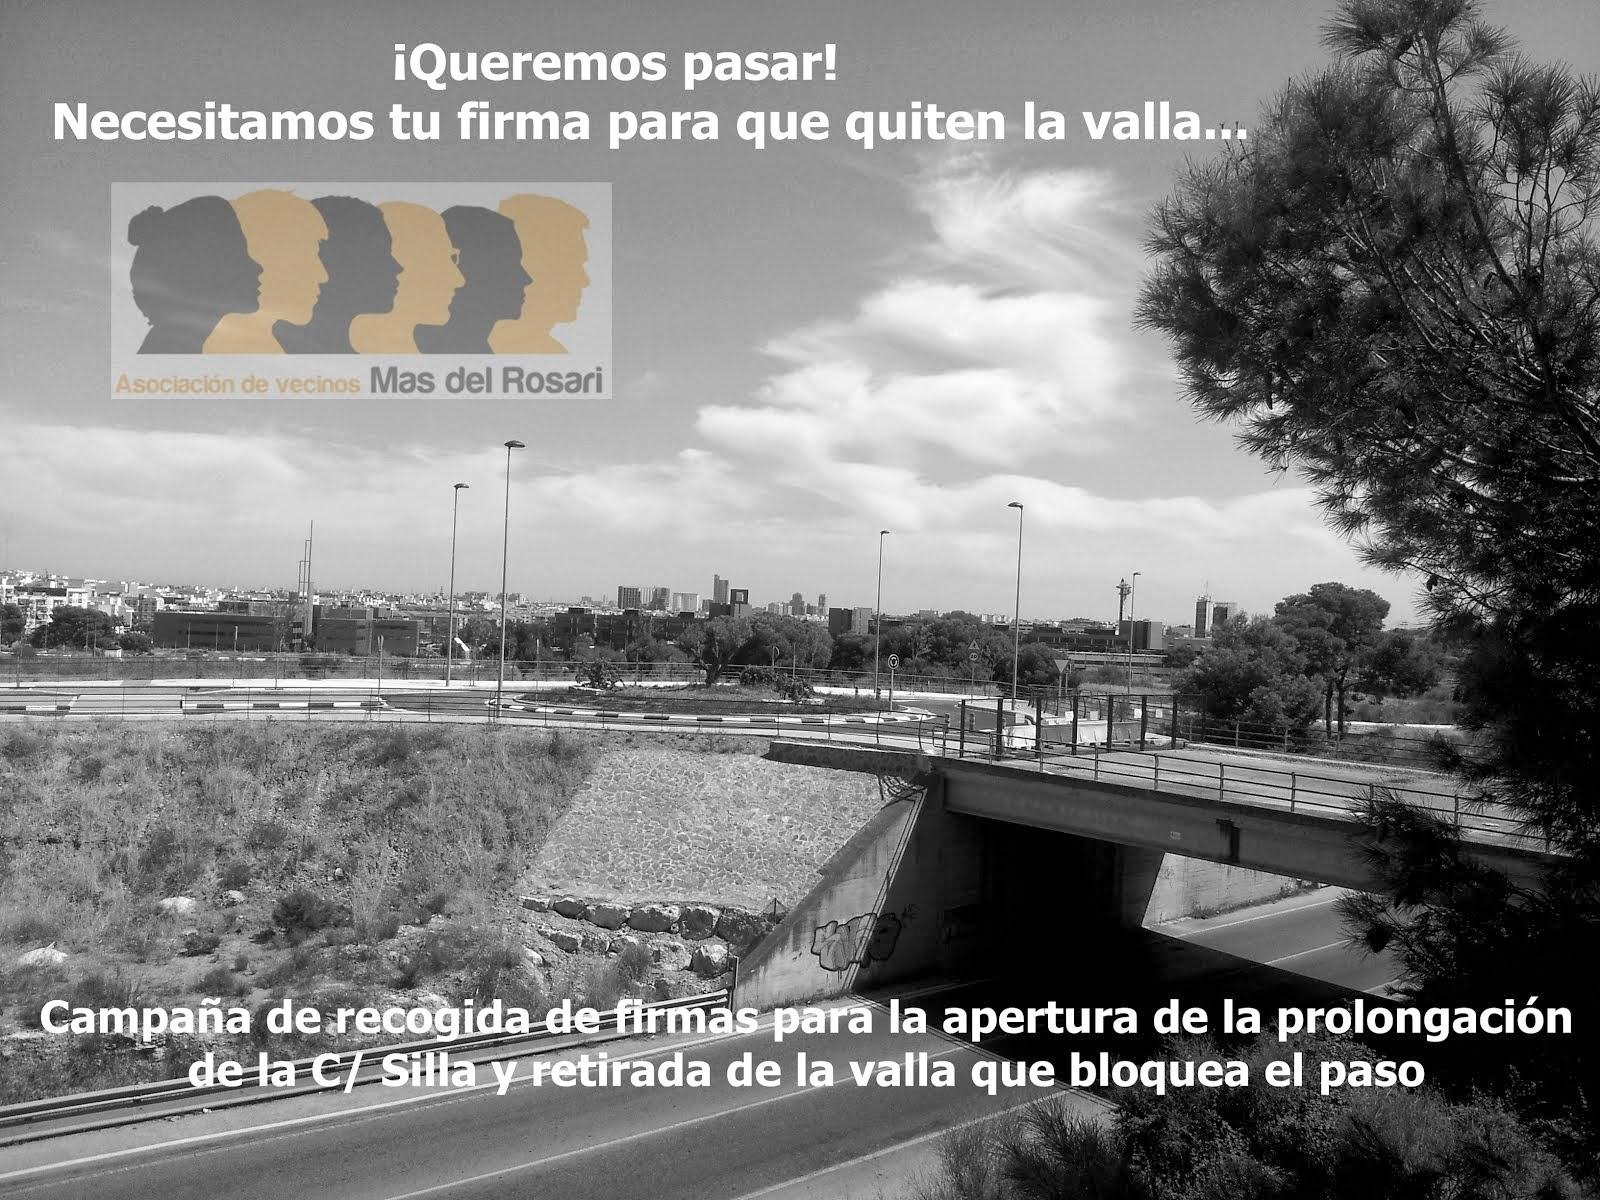 Recogida de firmas apertura puente c/ Silla